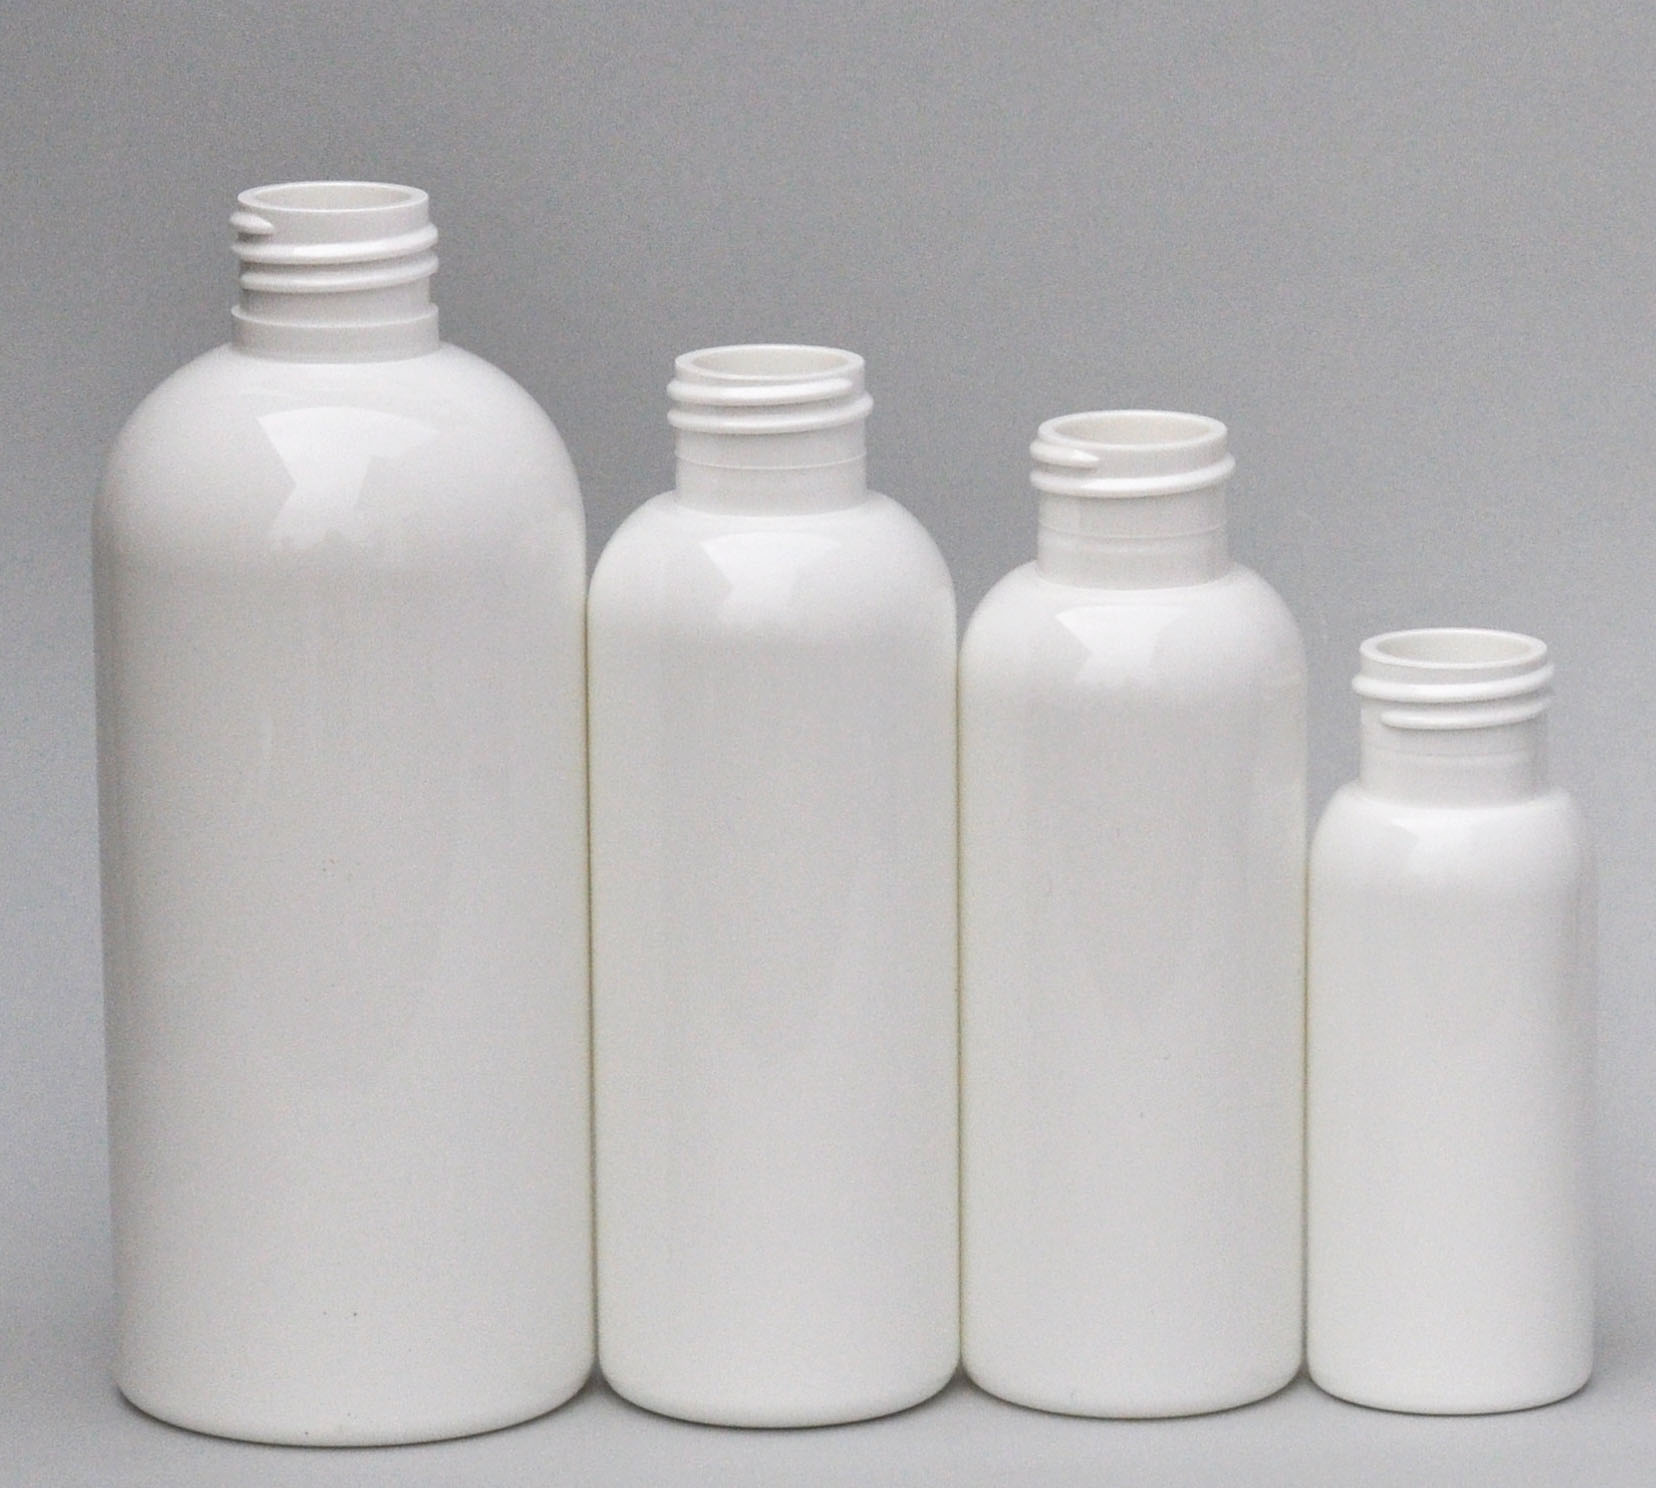 SNEP-250BPETW-250ml White PET Boston Bottle with 24/410 Neck